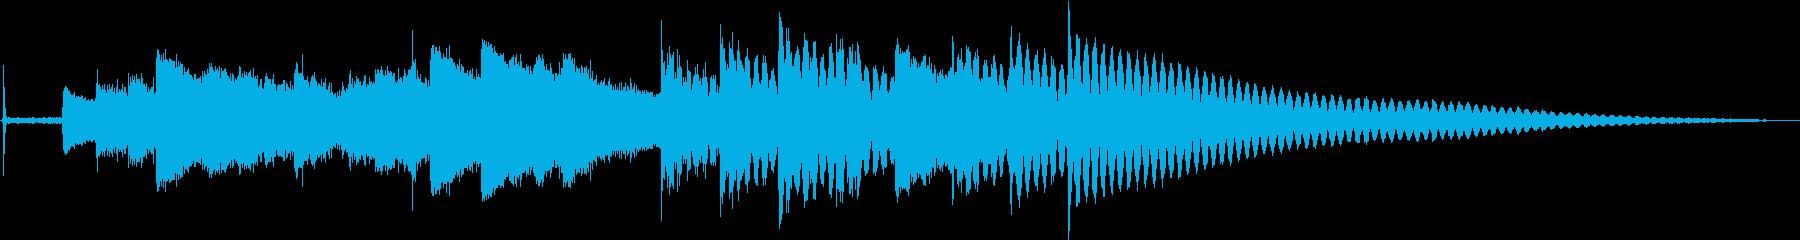 ウェストミンスターの祖父の時計:ス...の再生済みの波形